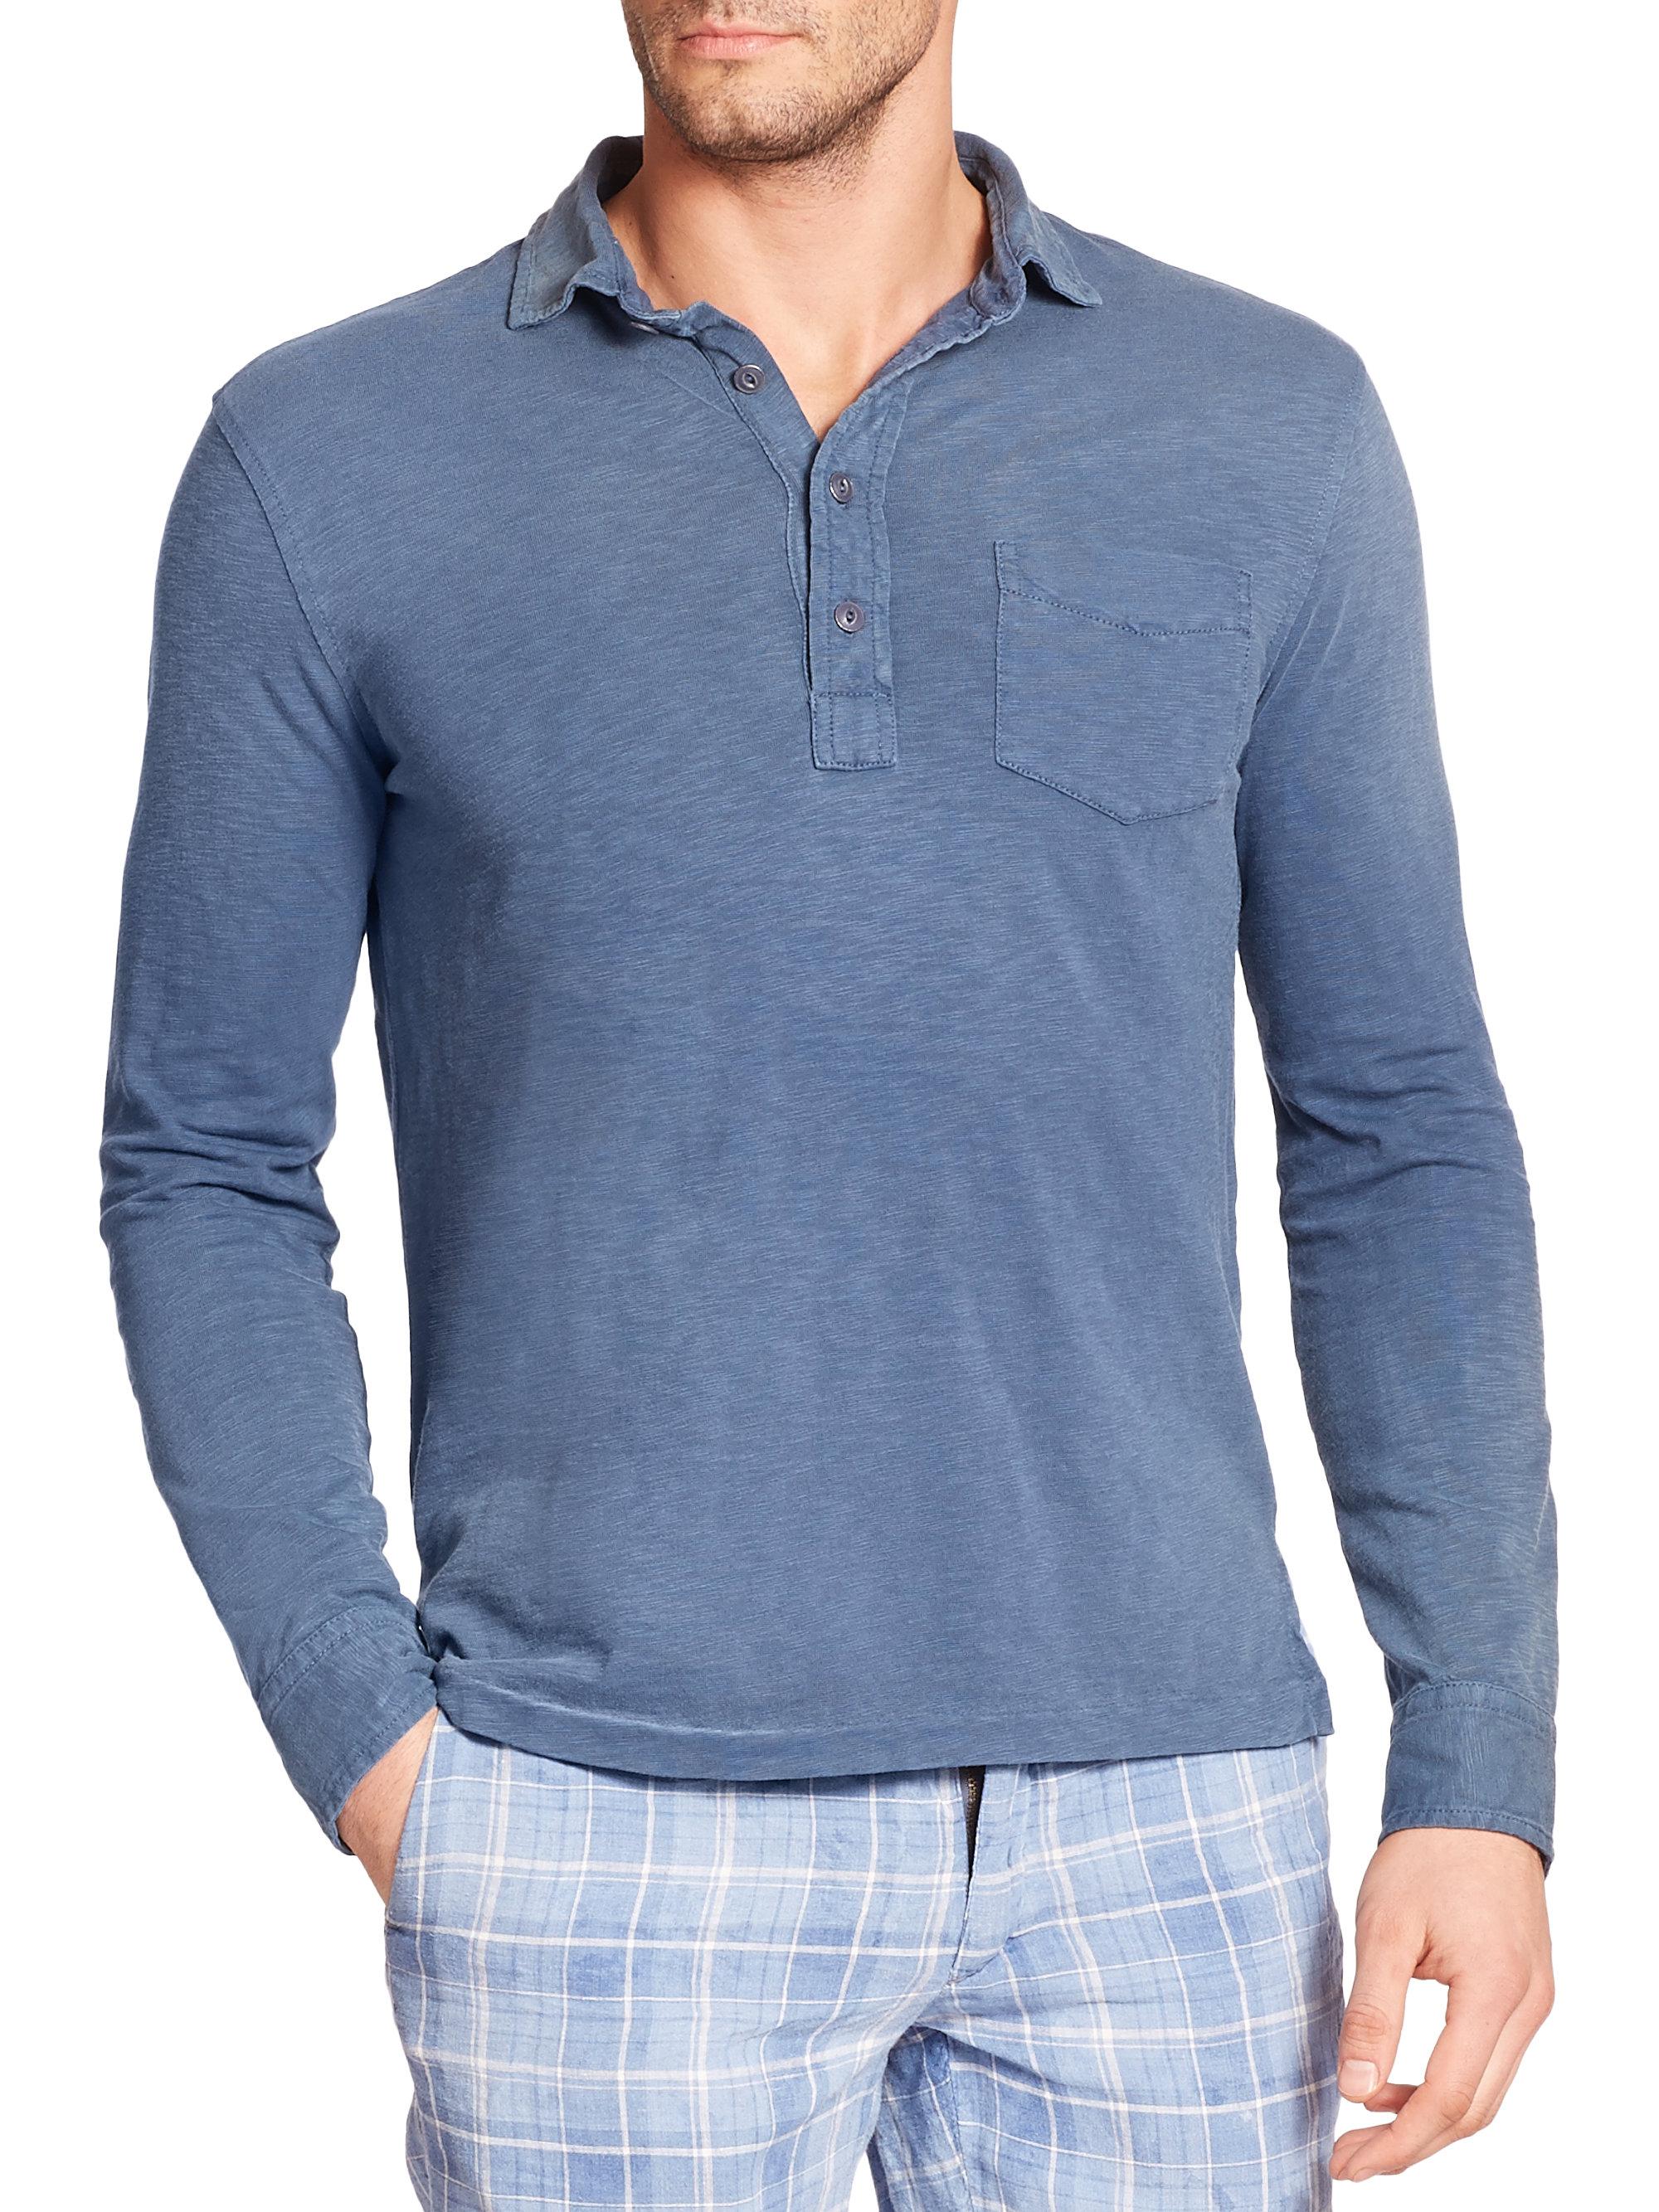 Polo ralph lauren jersey estate shirt in blue for men lyst for Ralph lauren polo jersey shirt